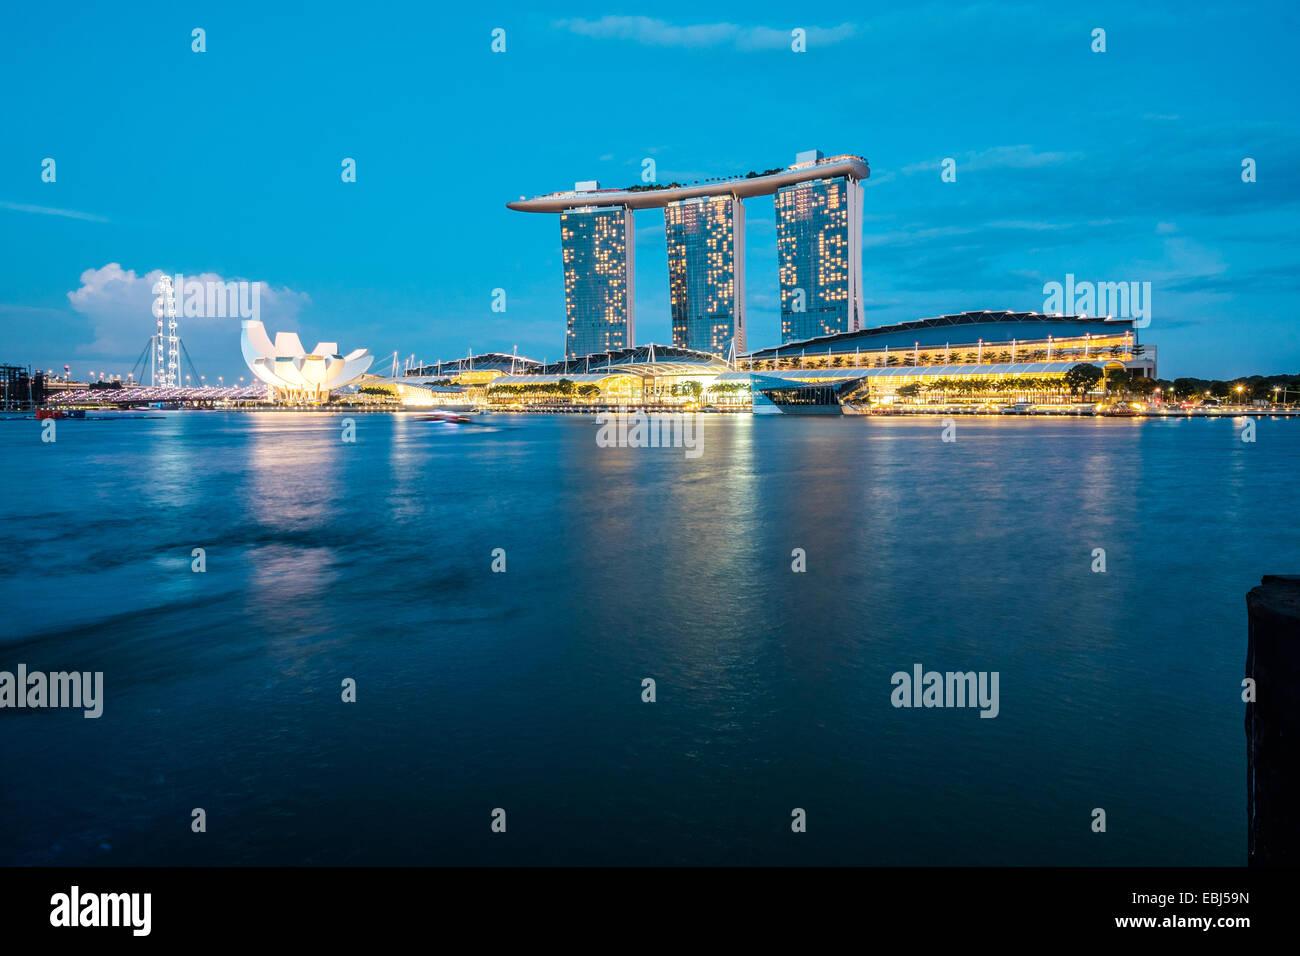 Architettura moderna dalla baia di Singapore Immagini Stock